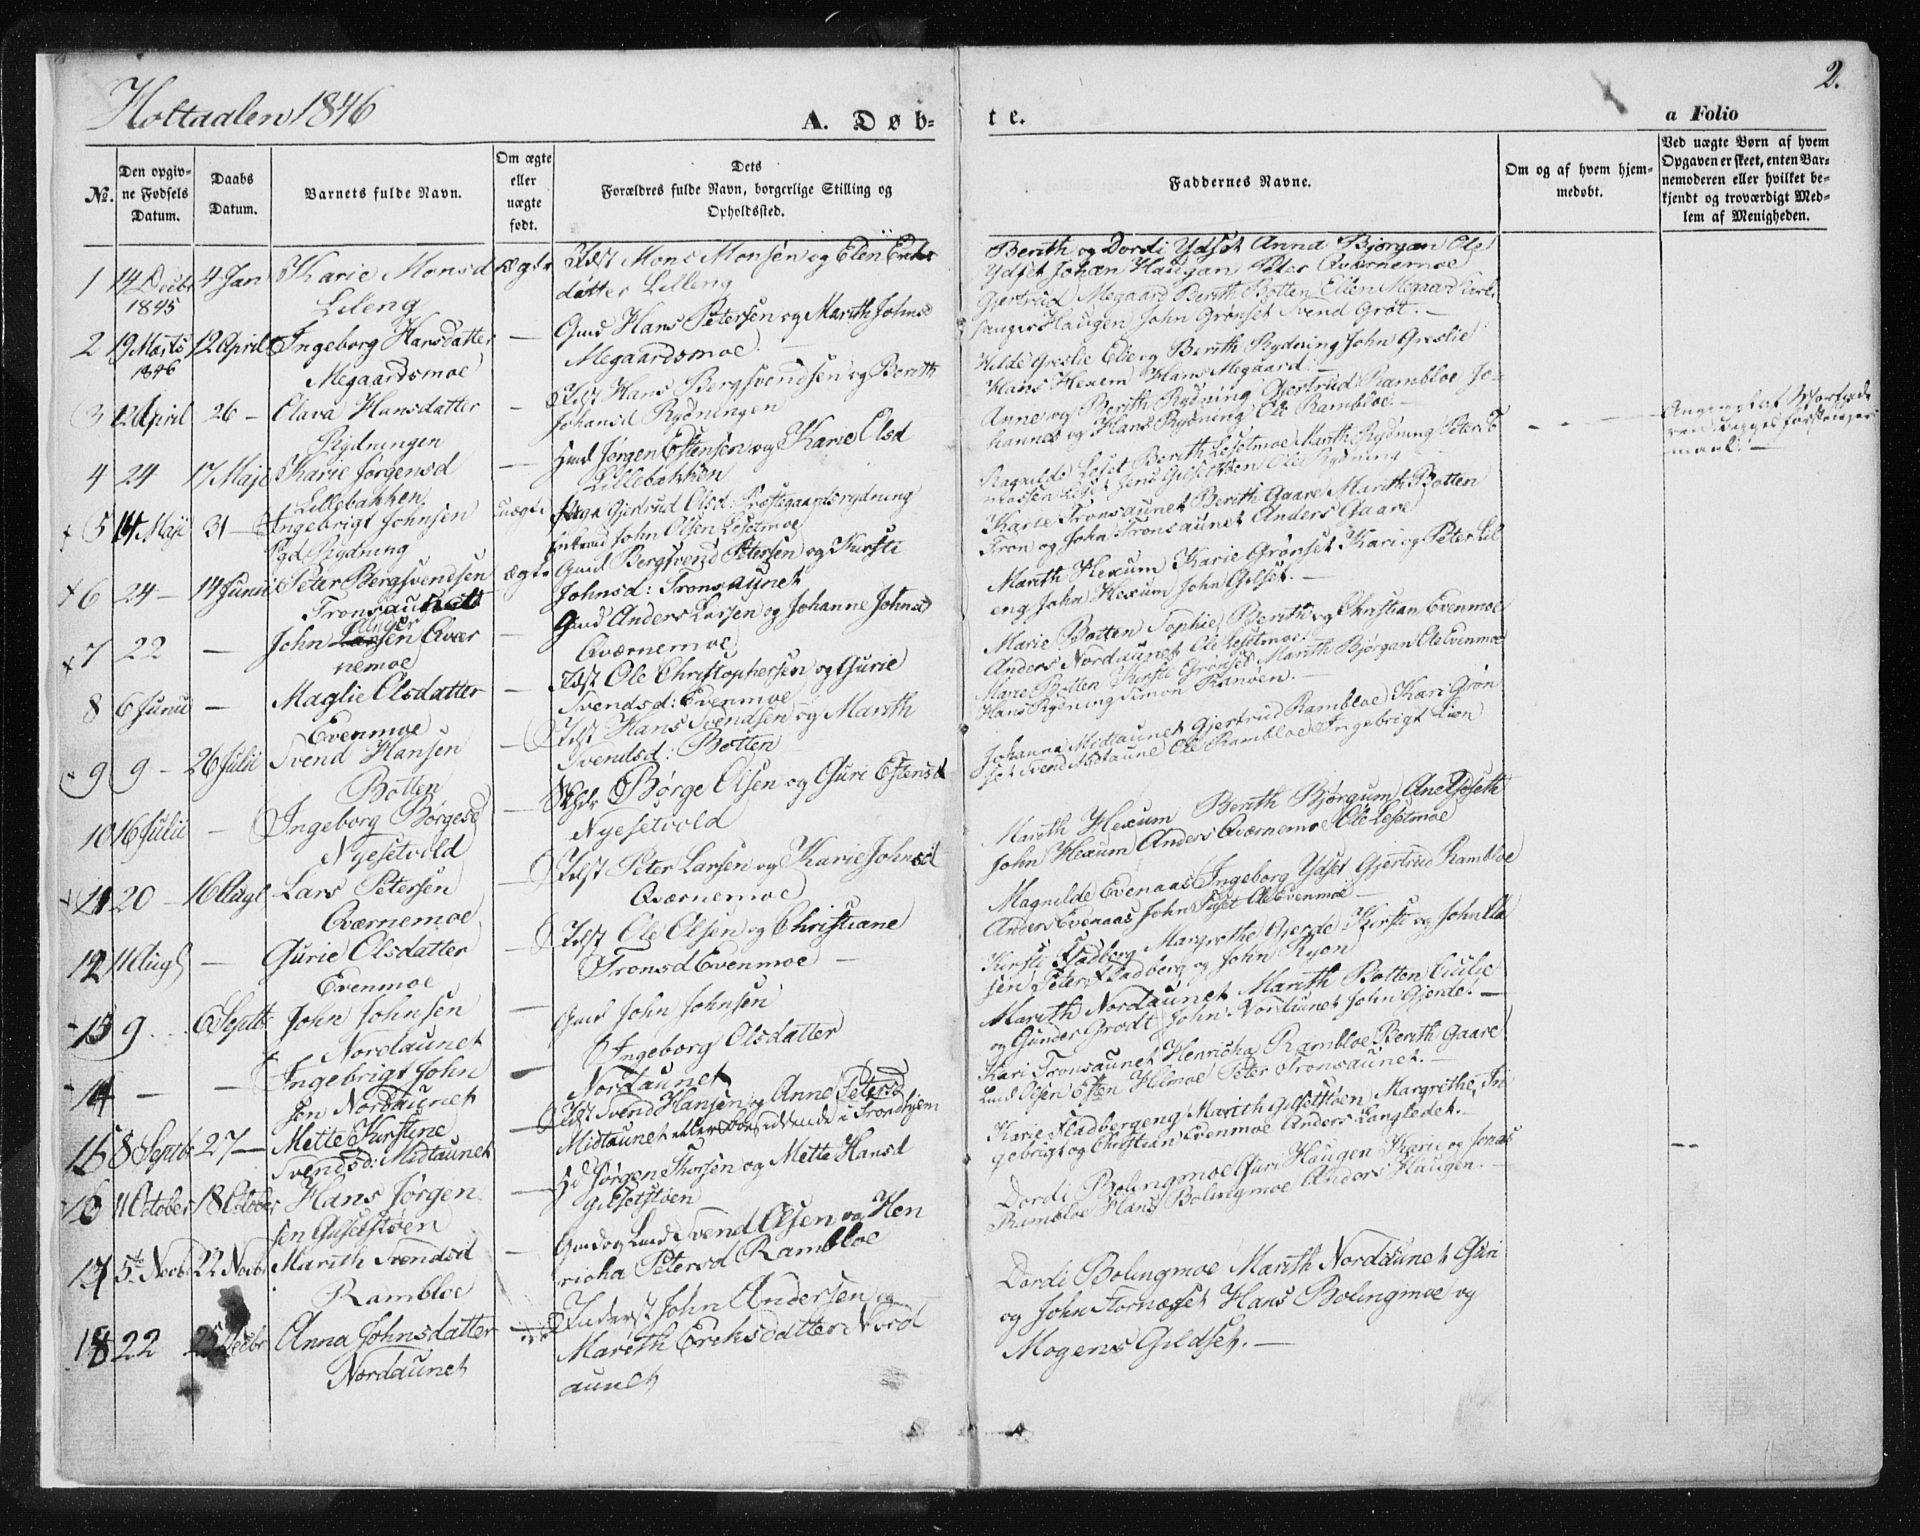 SAT, Ministerialprotokoller, klokkerbøker og fødselsregistre - Sør-Trøndelag, 685/L0963: Ministerialbok nr. 685A06 /1, 1846-1859, s. 2